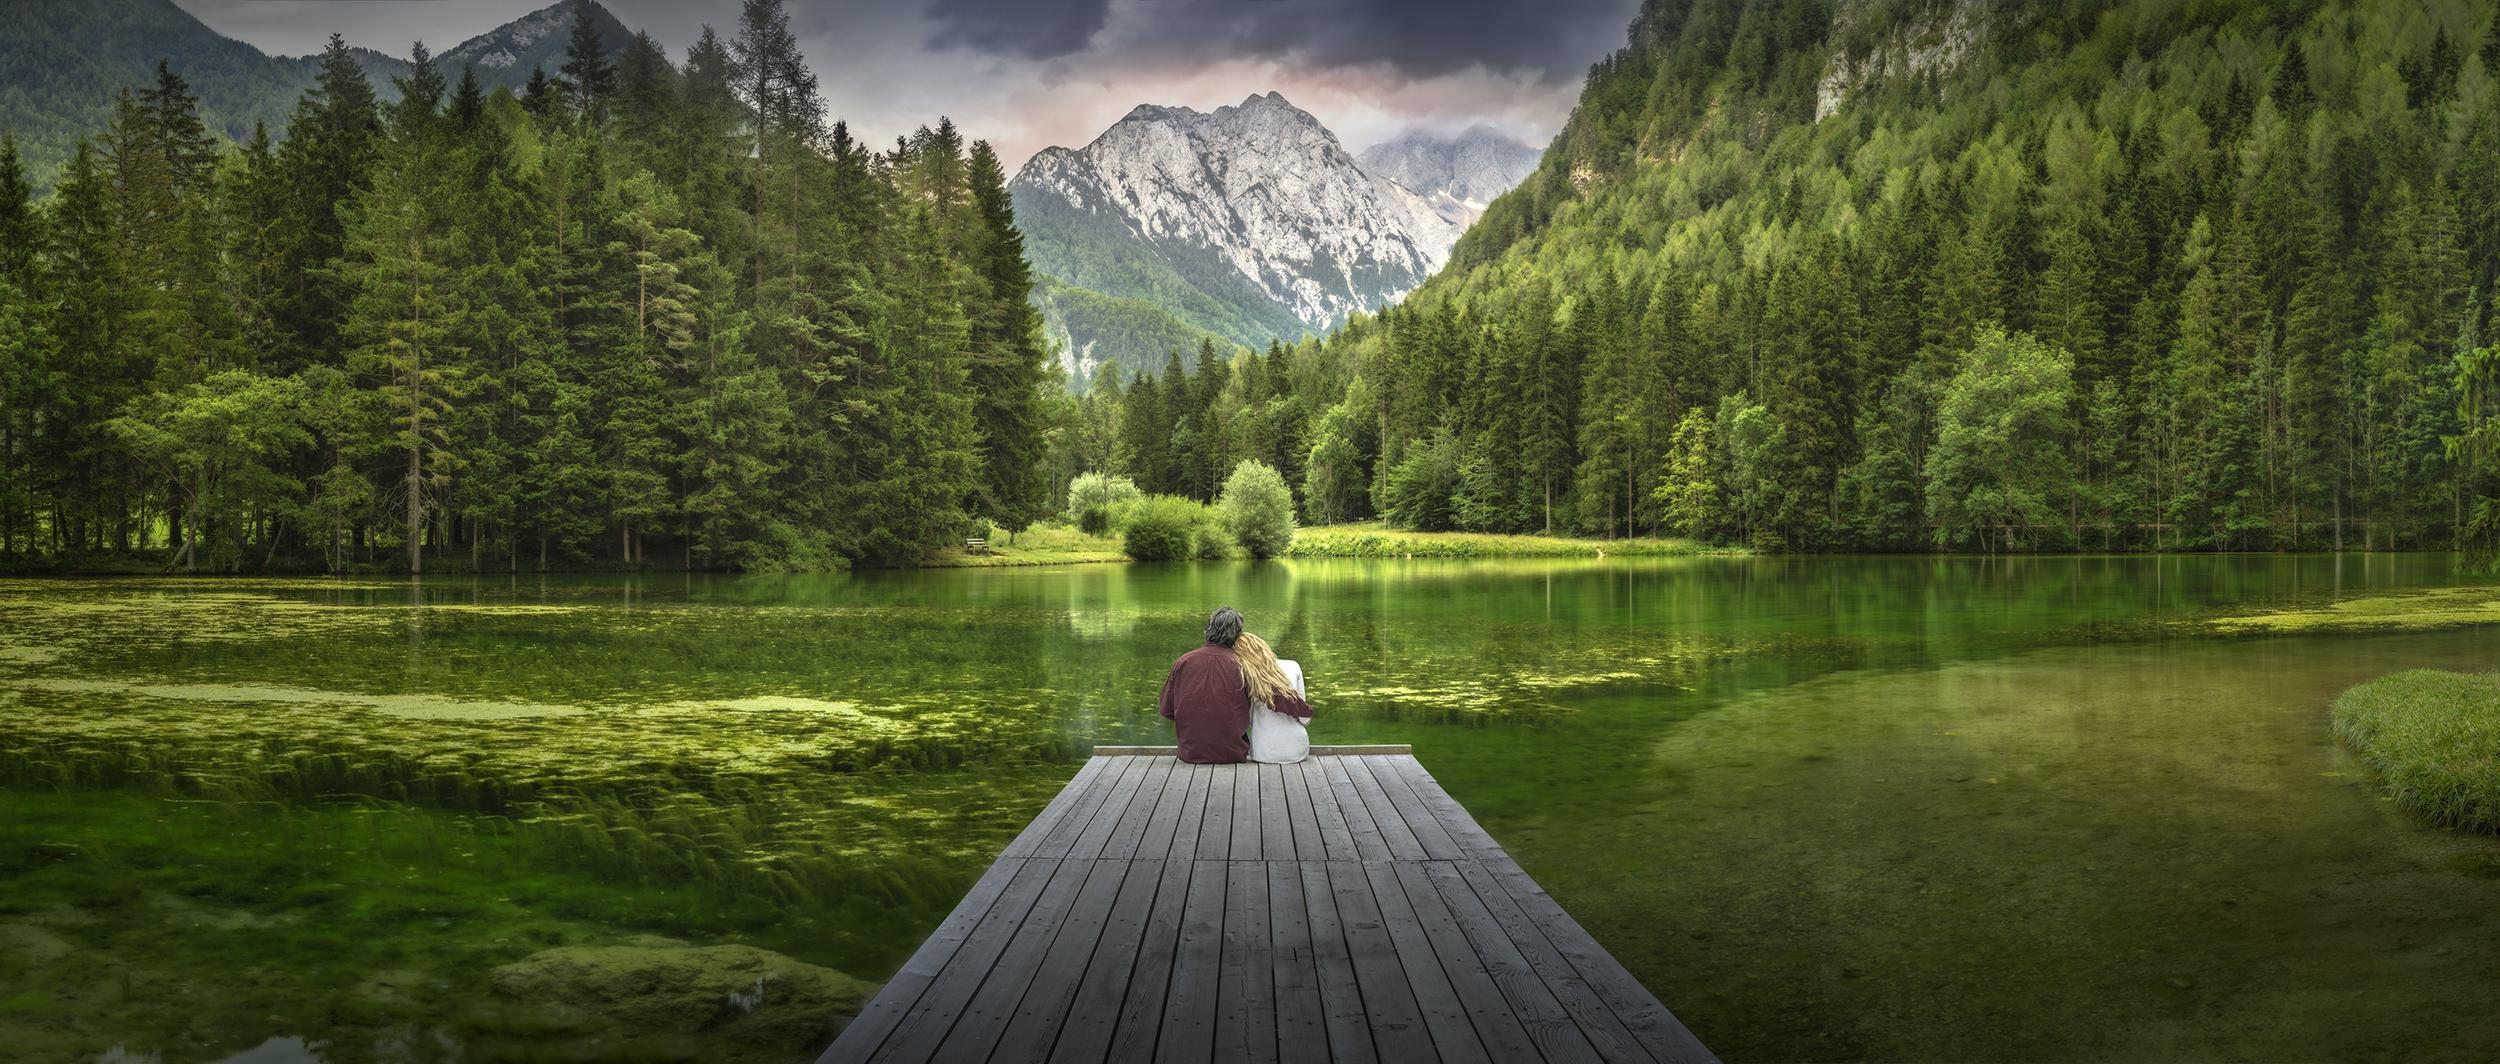 Обои Плитвицкие озера хорватский национальный парк, Плитвицкие Озера, Хорватия, панорама